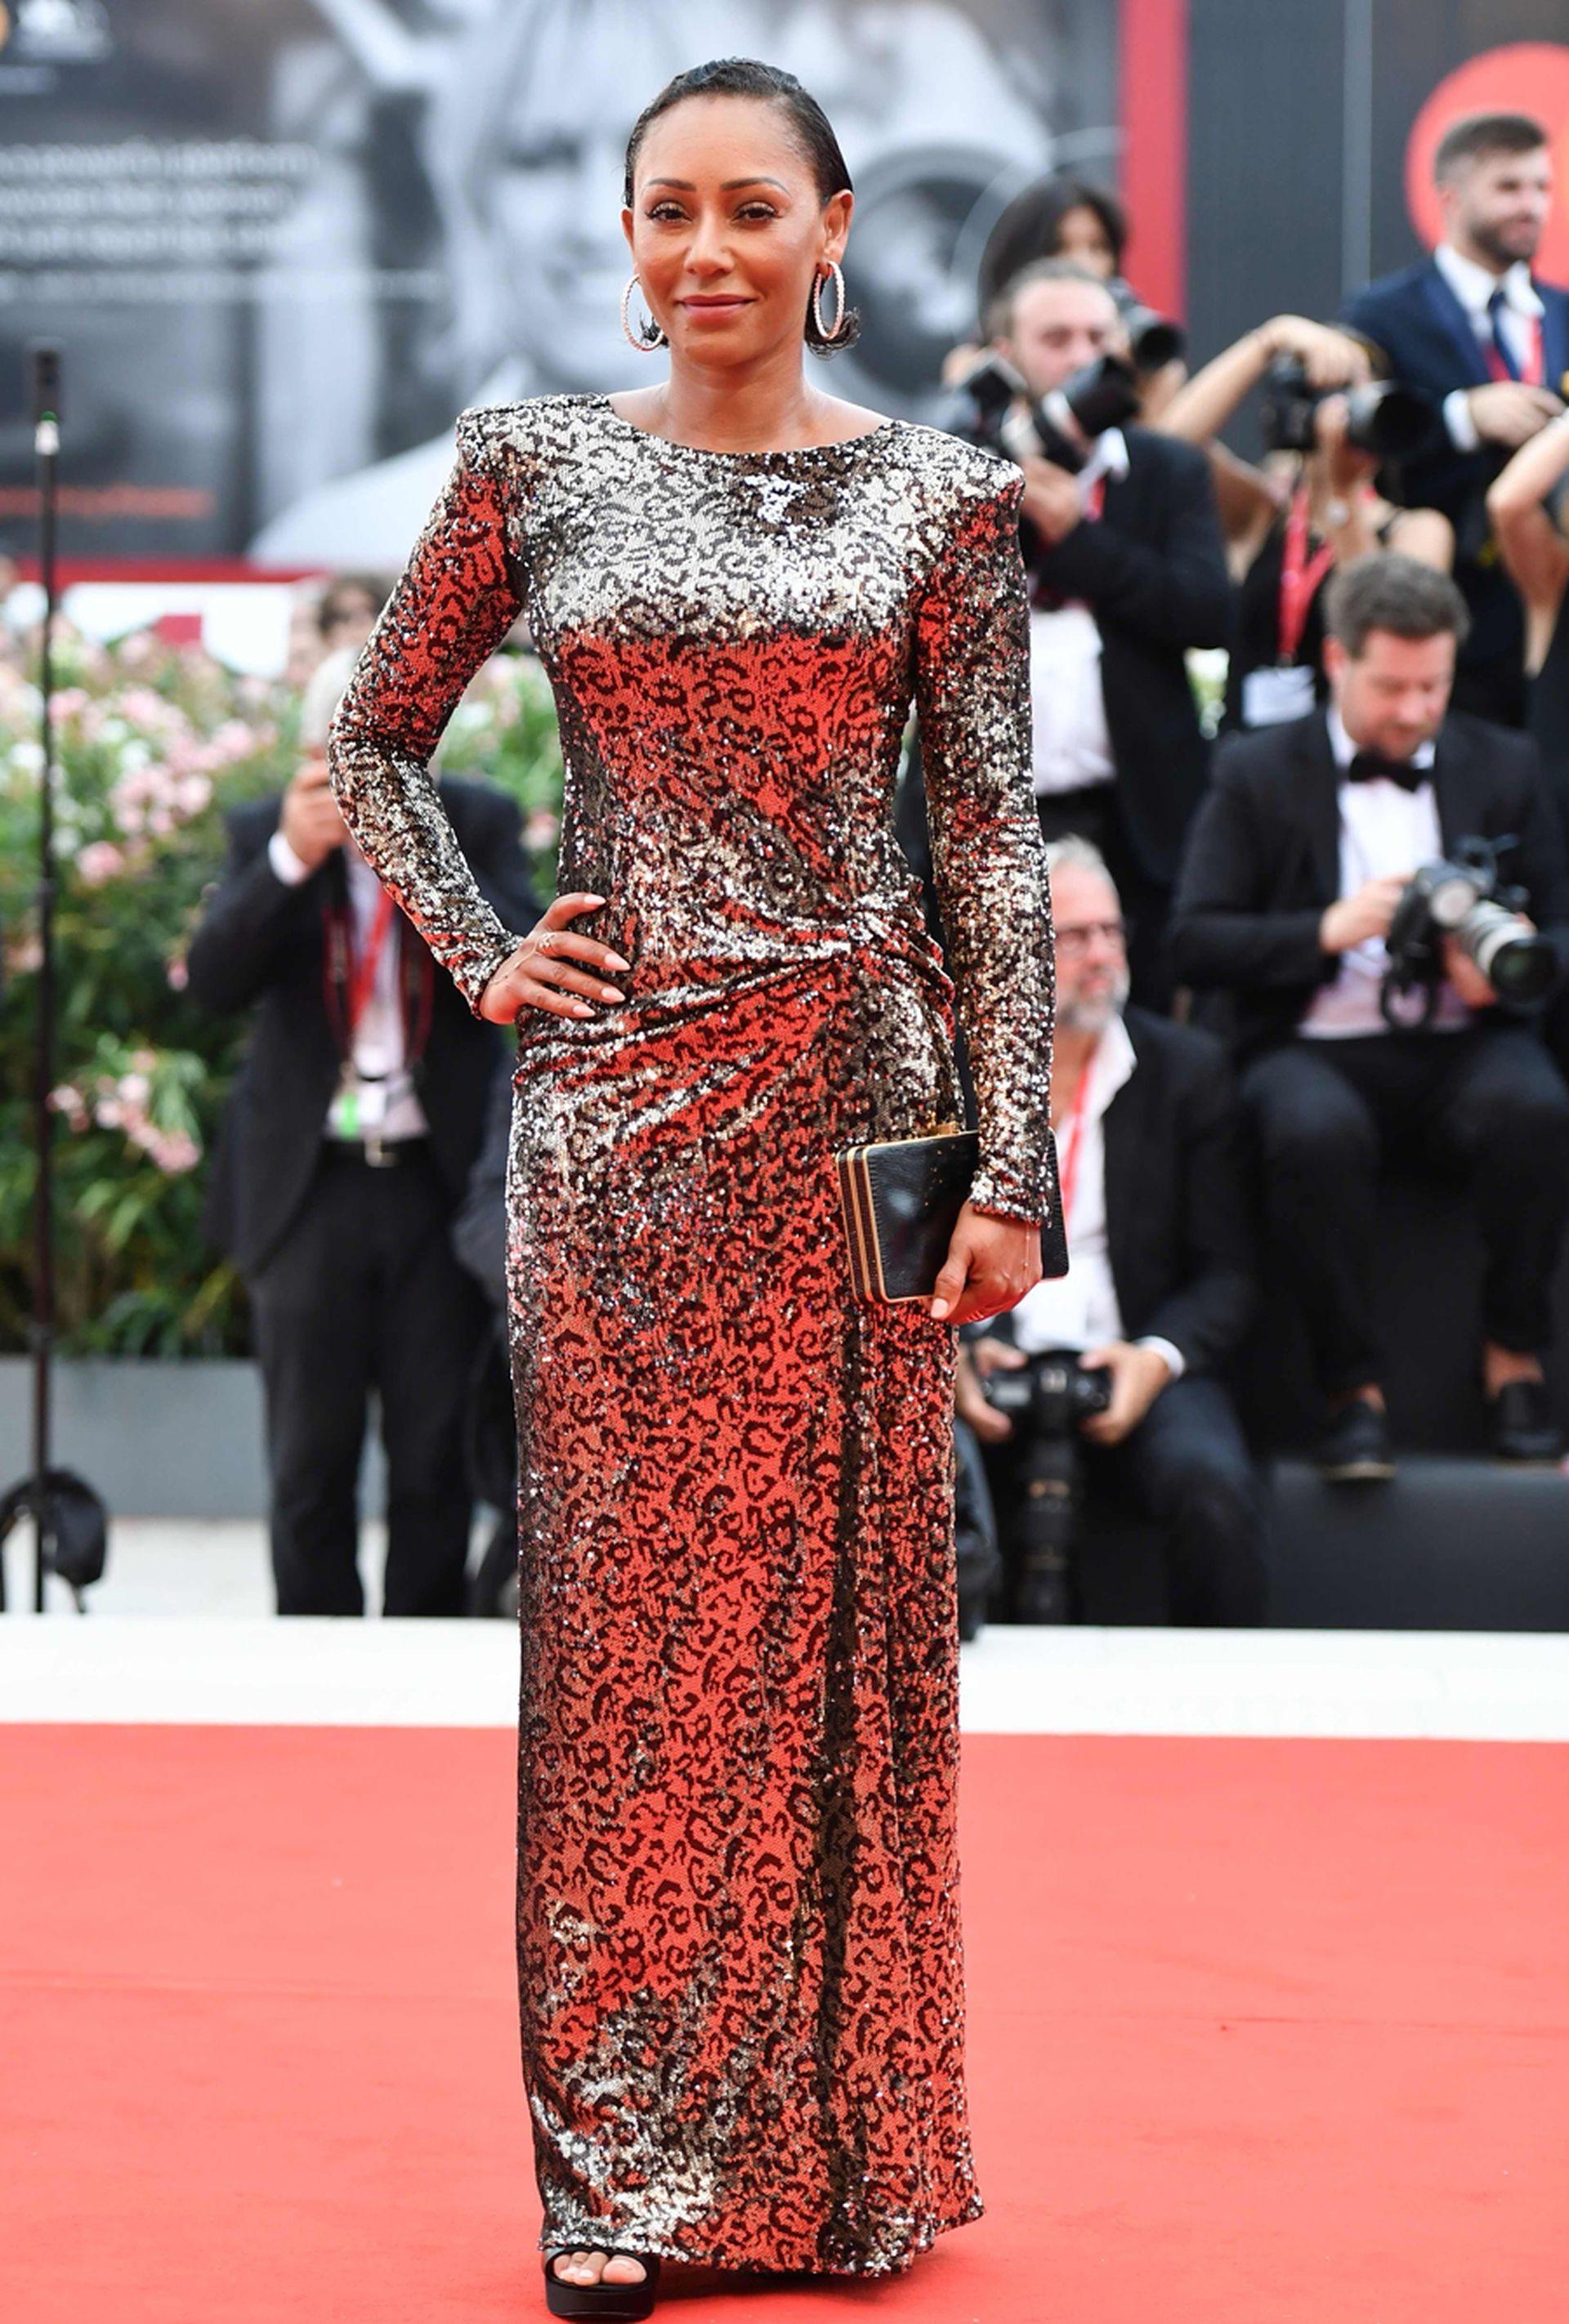 La Spice Girl Mel B también tuvo su lugar en la alfombra roja de la Mostra, y se lució con un vestido de mangas largas con brilloso animal print